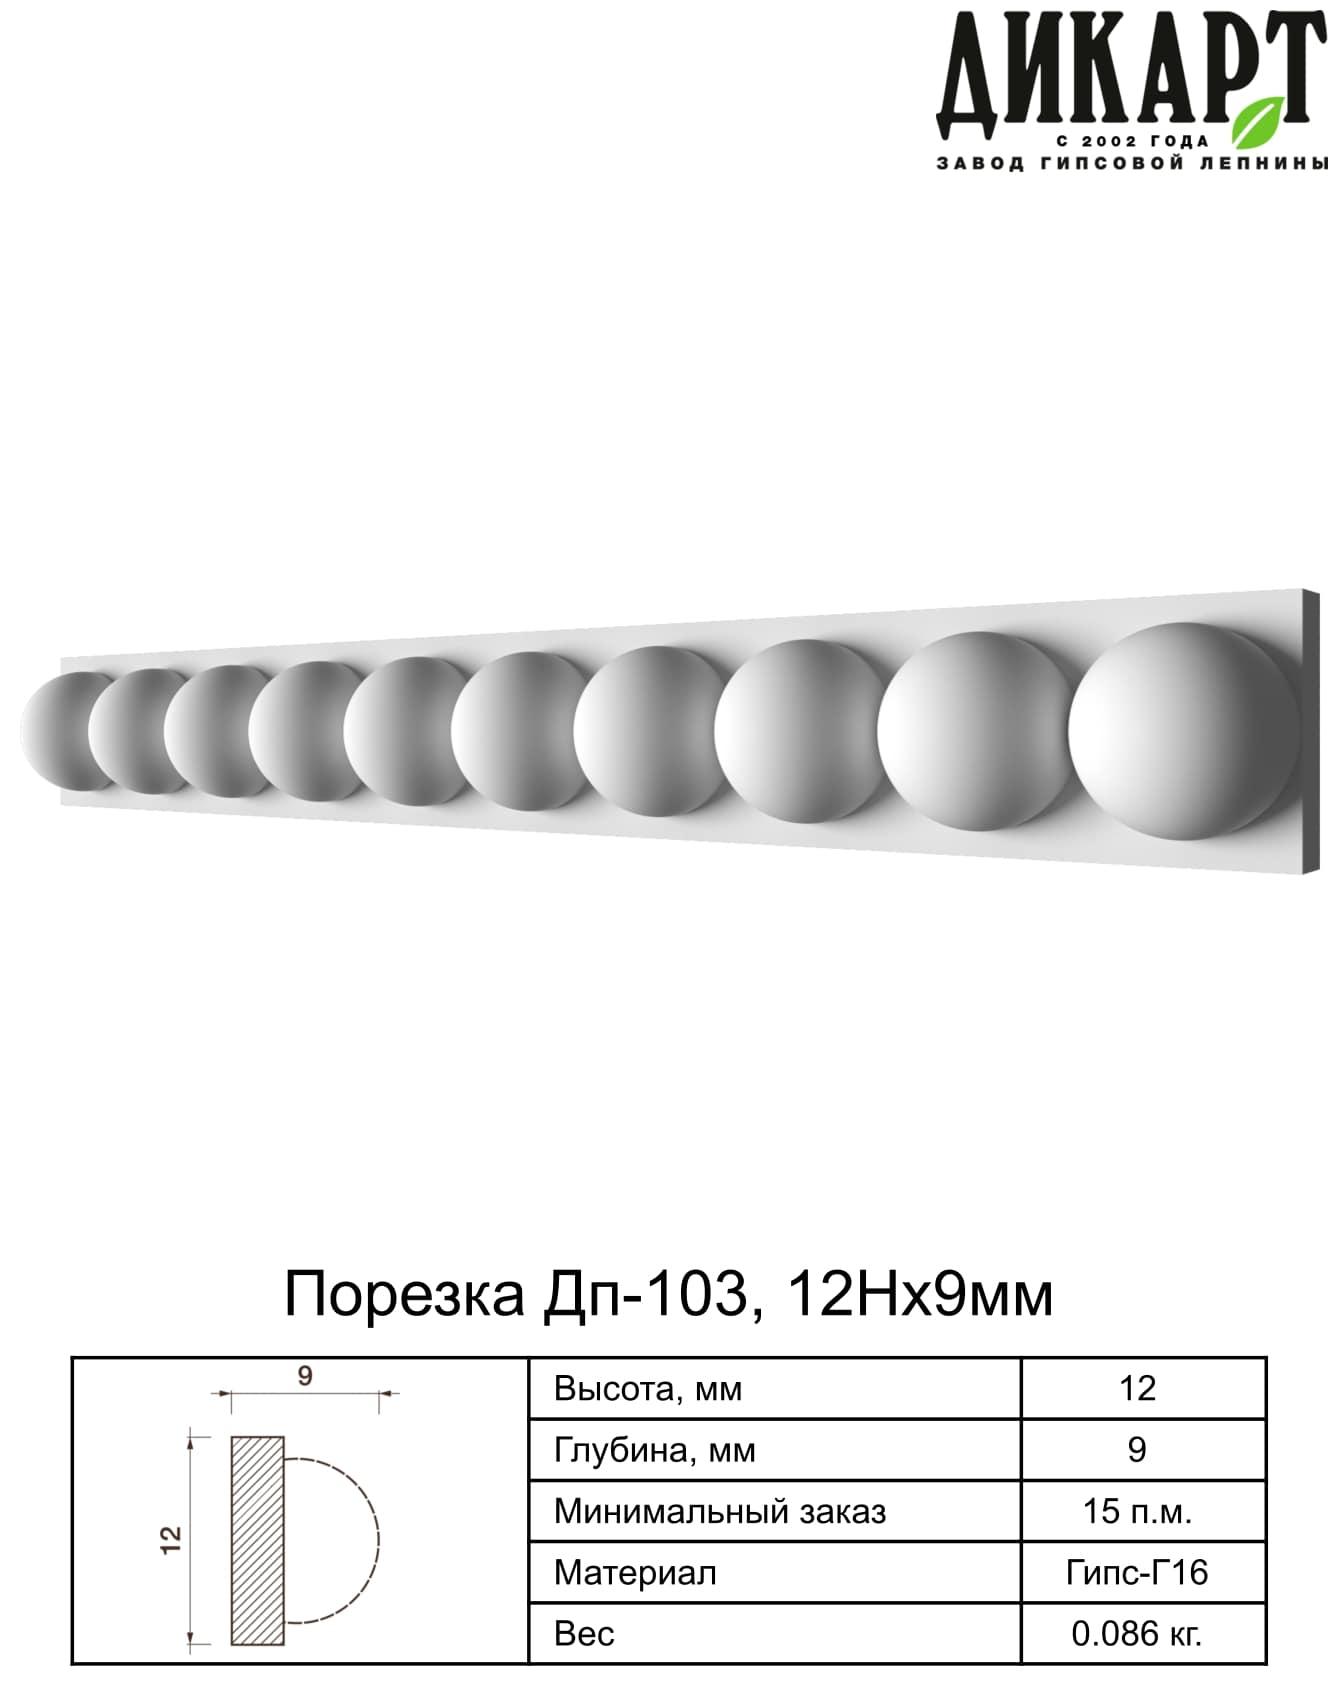 Порезка_Дп-103